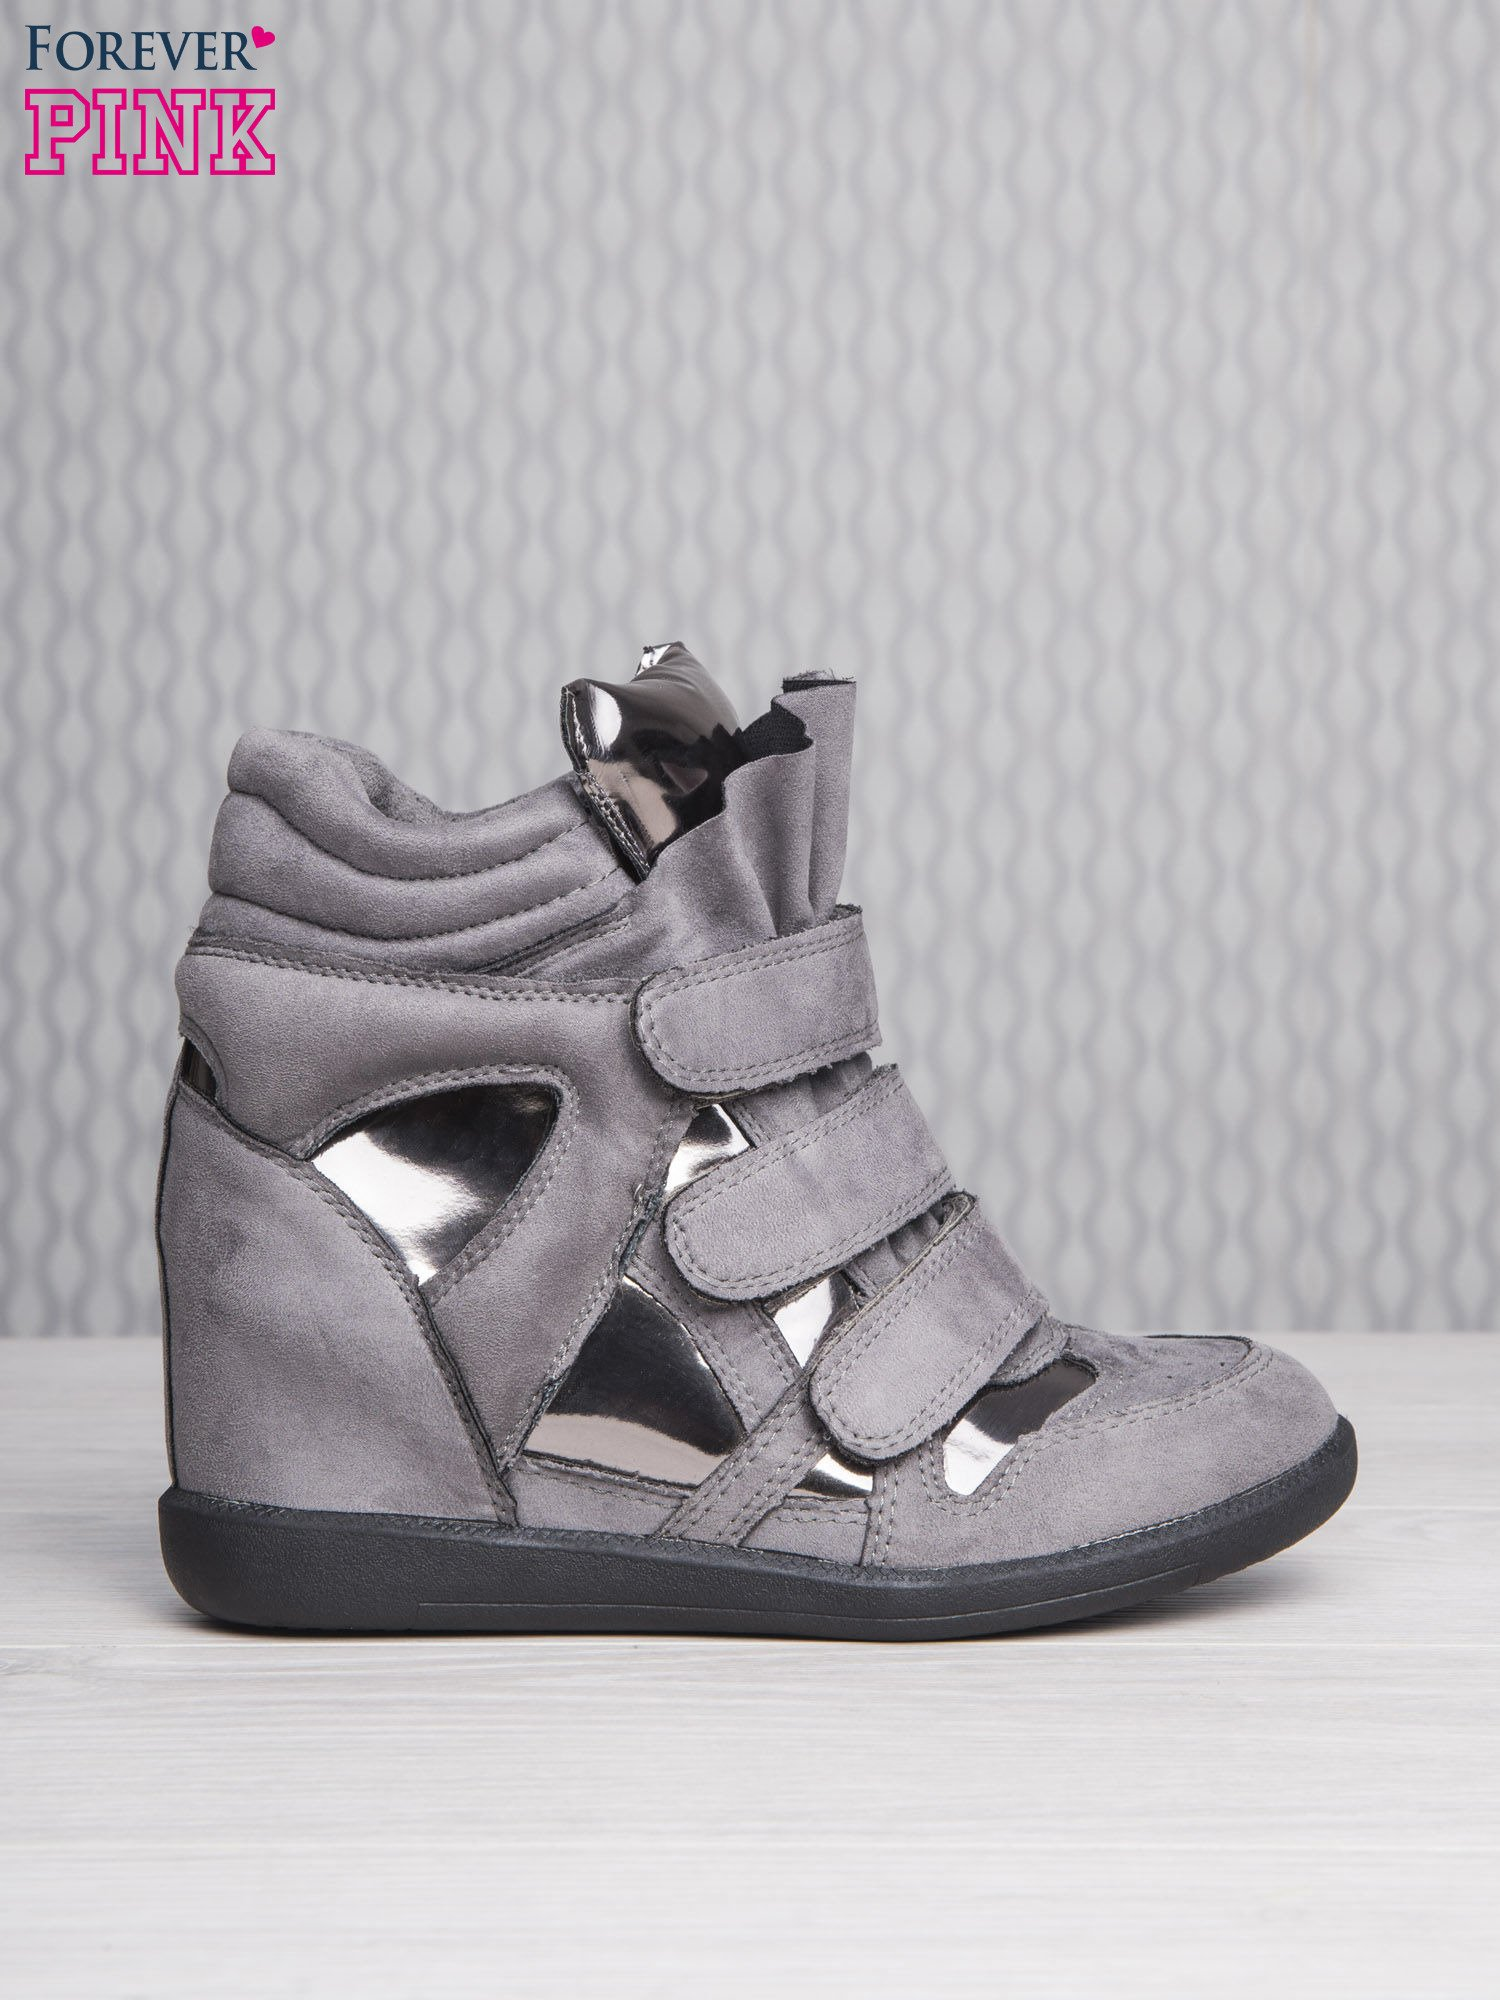 Srebrne zamszowe sneakersy damskie na rzepy Verity z lustrzanymi wstawkami                                  zdj.                                  2